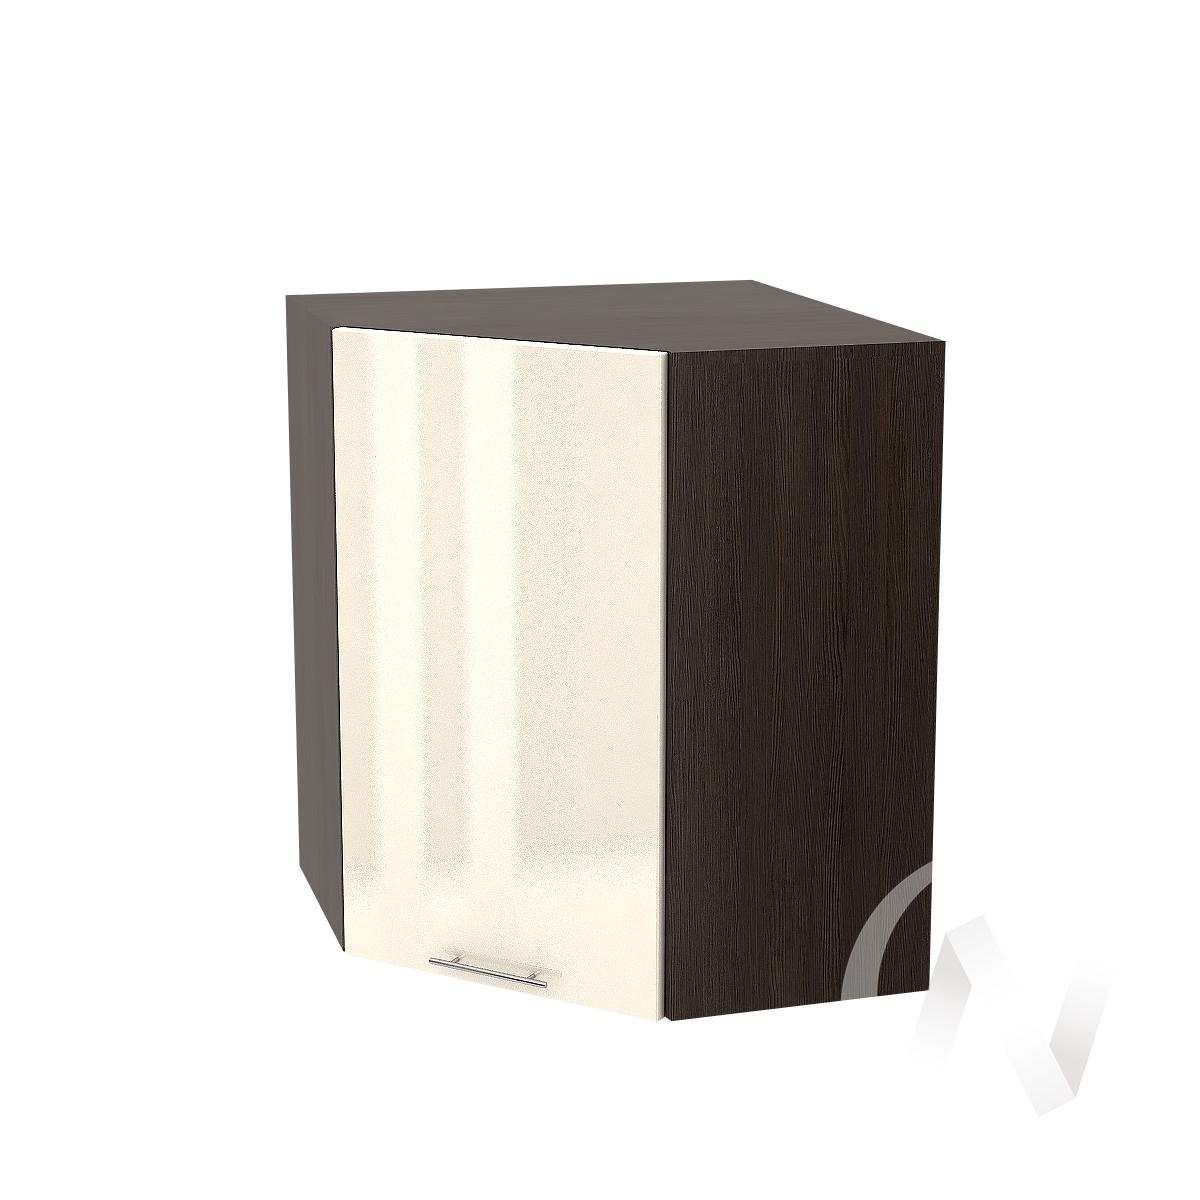 """Кухня """"Валерия-М"""": Шкаф верхний угловой 590, ШВУ 590 (Ваниль глянец/корпус венге)"""